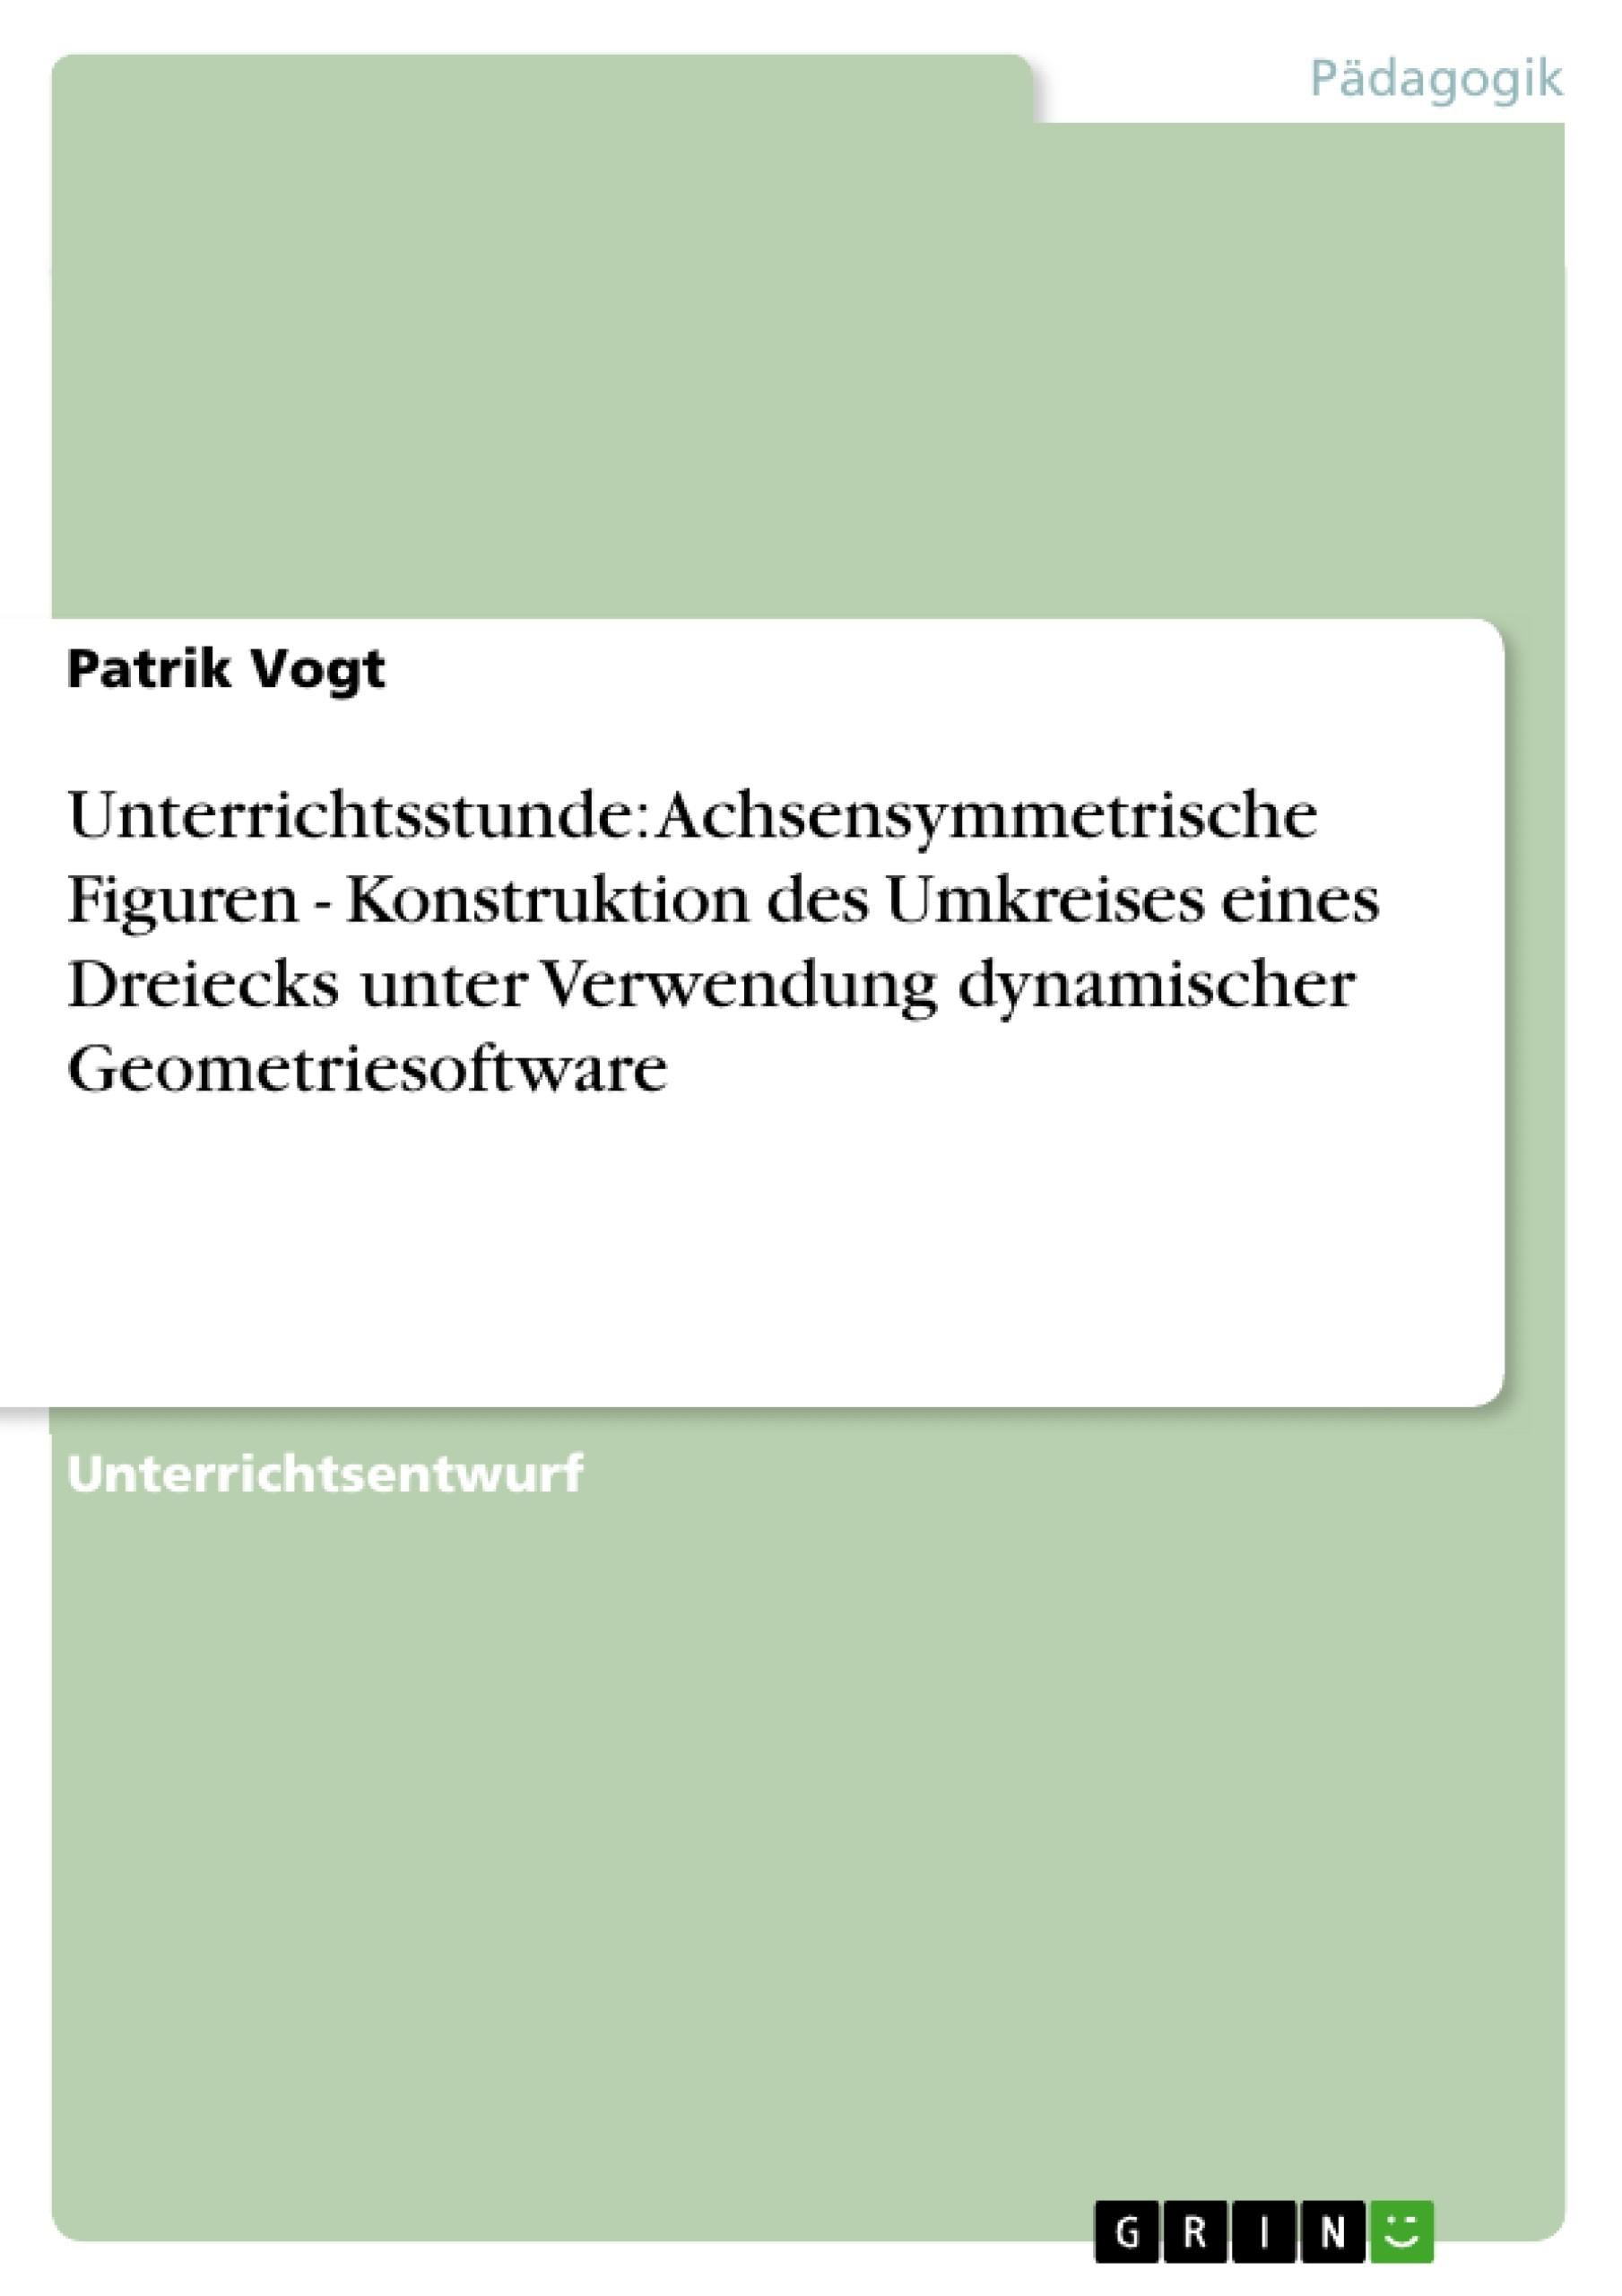 Titel: Unterrichtsstunde: Achsensymmetrische Figuren - Konstruktion des Umkreises eines Dreiecks unter Verwendung dynamischer Geometriesoftware